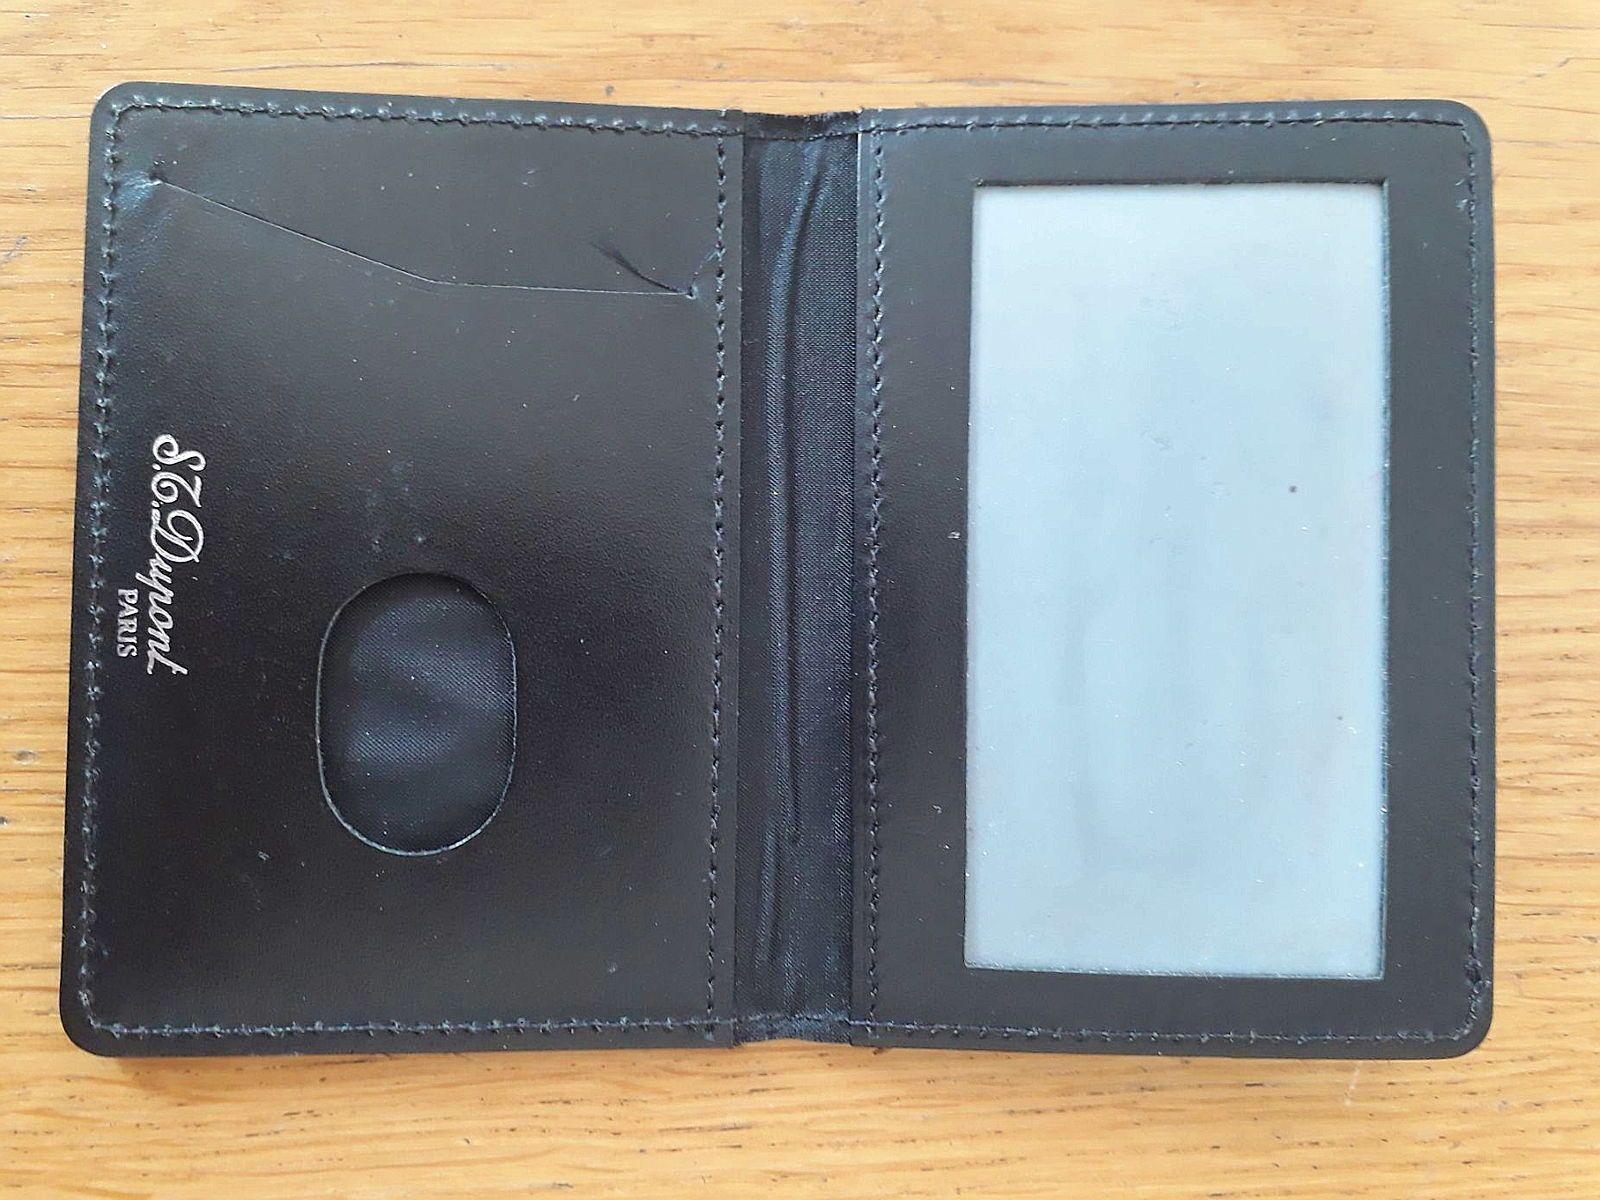 Porte Carte Dupont - intérieur portefeuille